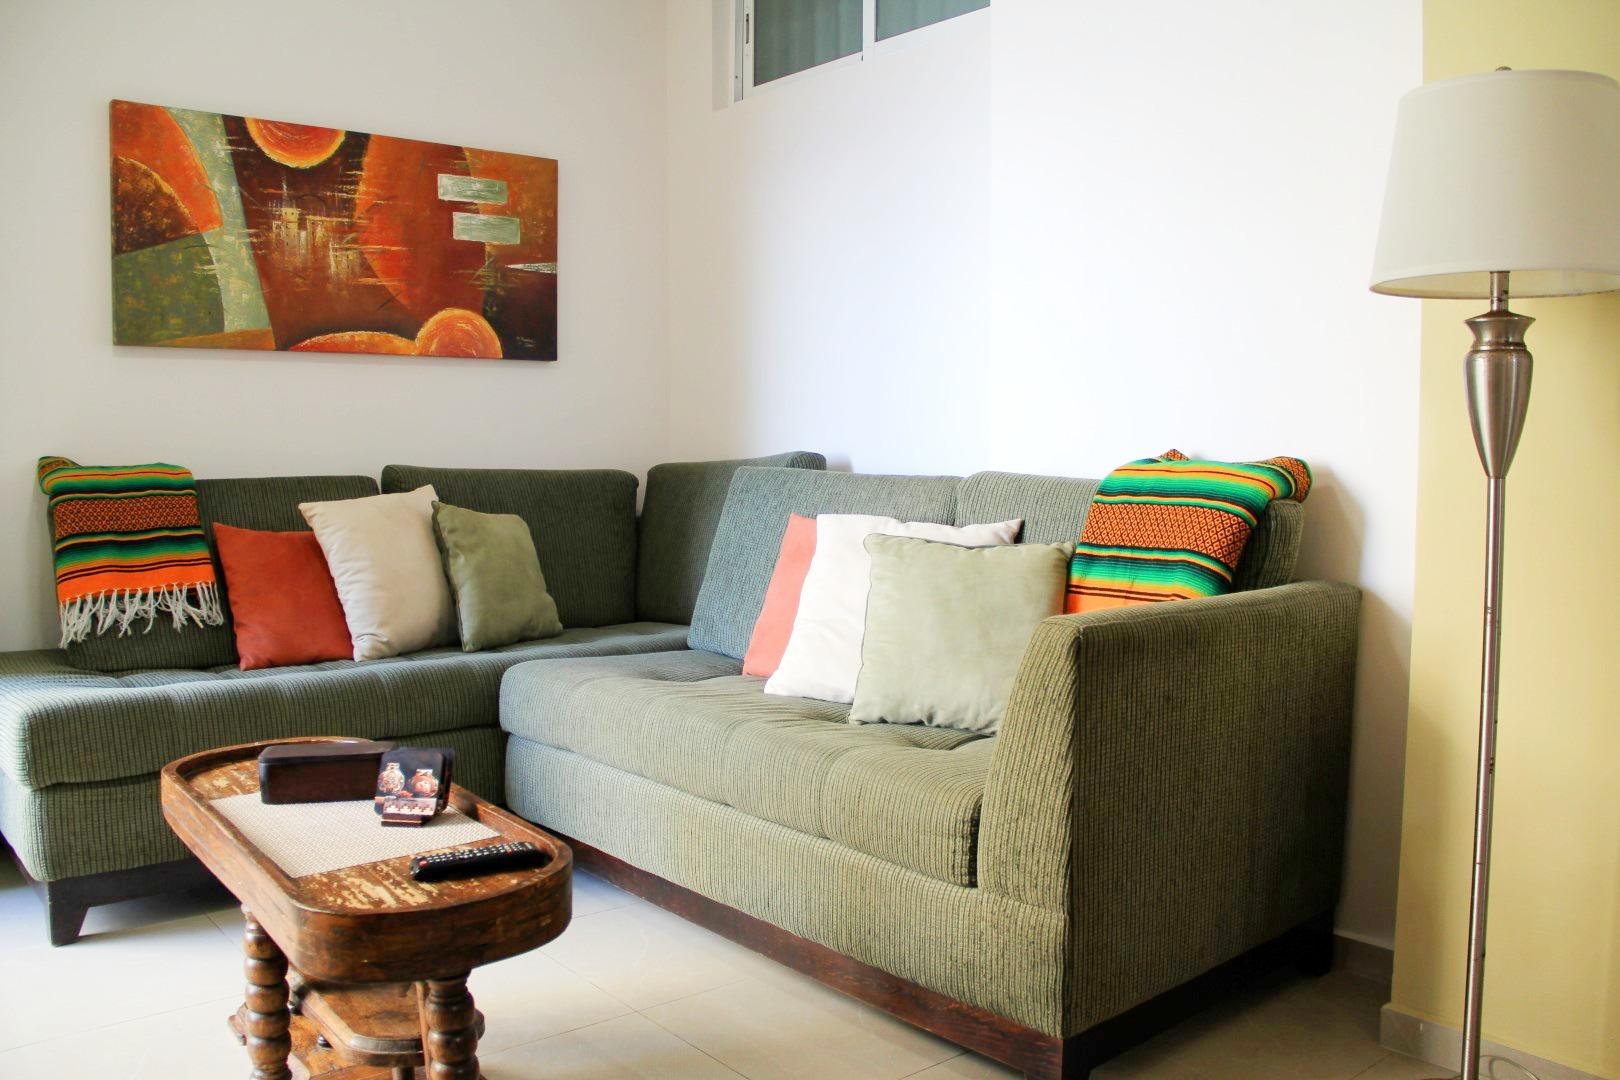 Comfortable sectional sofa.